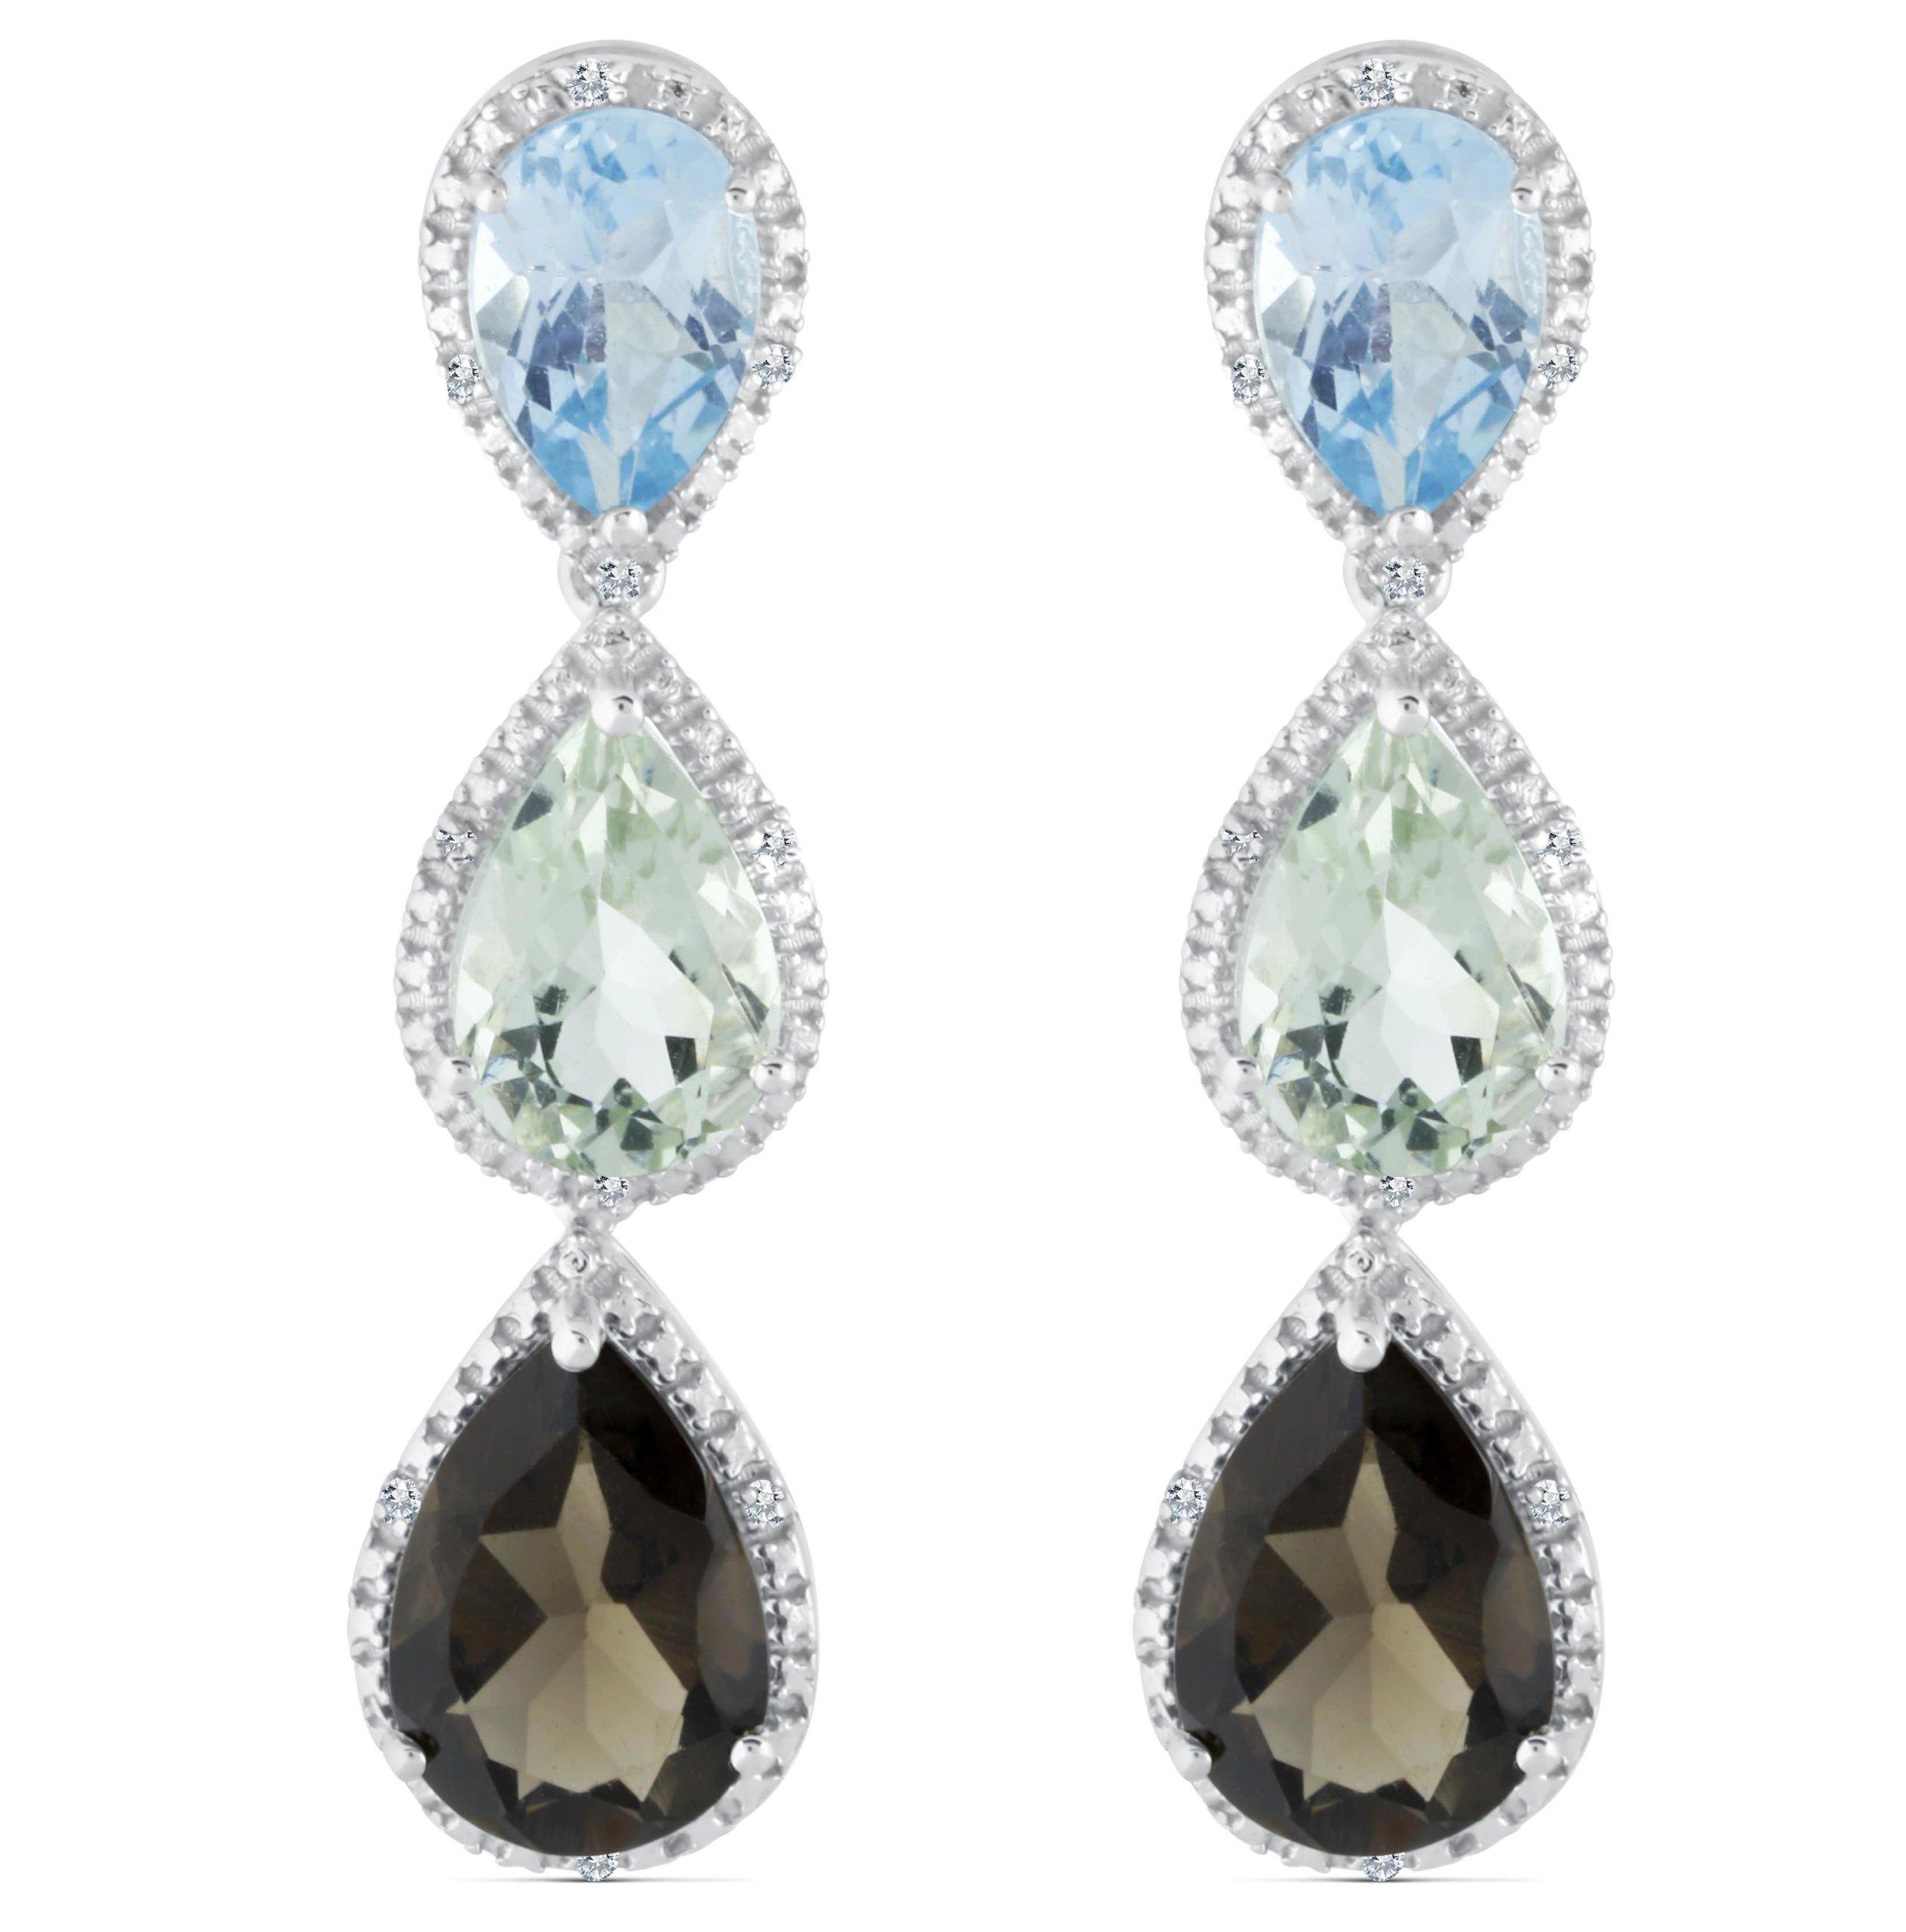 Sterling Silver Triple Teardrop Dangle Gemstone Earring, Set with .08 Cttw Diamonds (Blue Topaz/Green Amethyst/Smokey Quartz)